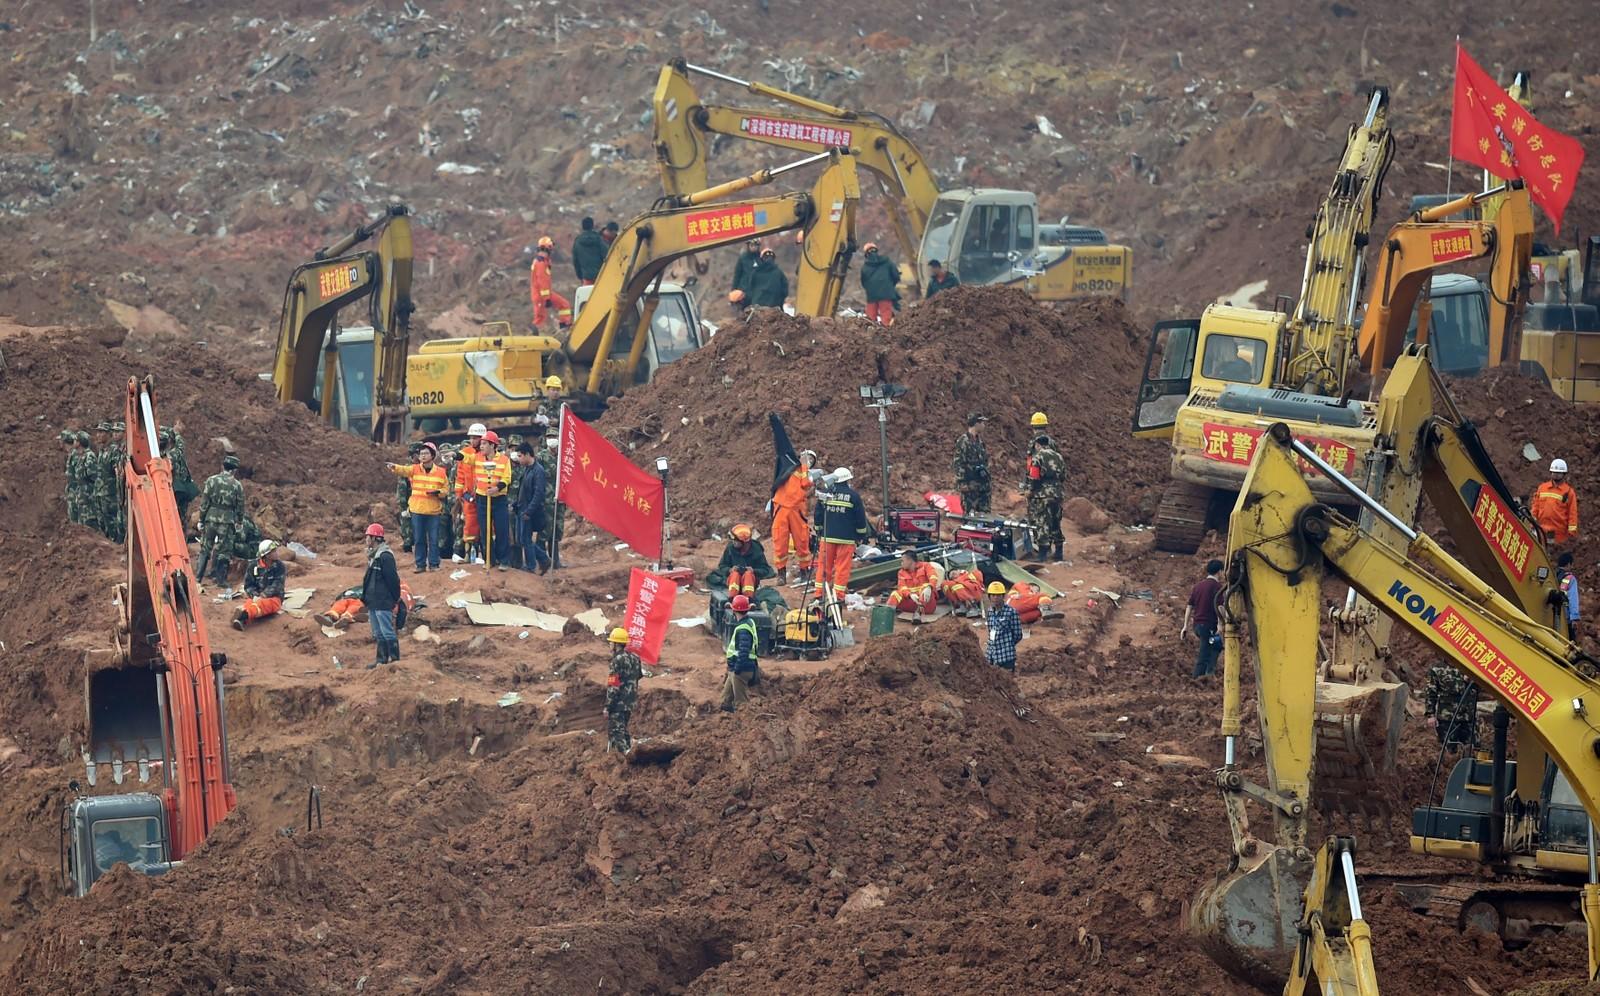 Skredet begravde over 30 bygninger i et hav av gjørme, ødela en naturgassledning og utløste en gasseksplosjon som kunne høres fire kilometer unna.